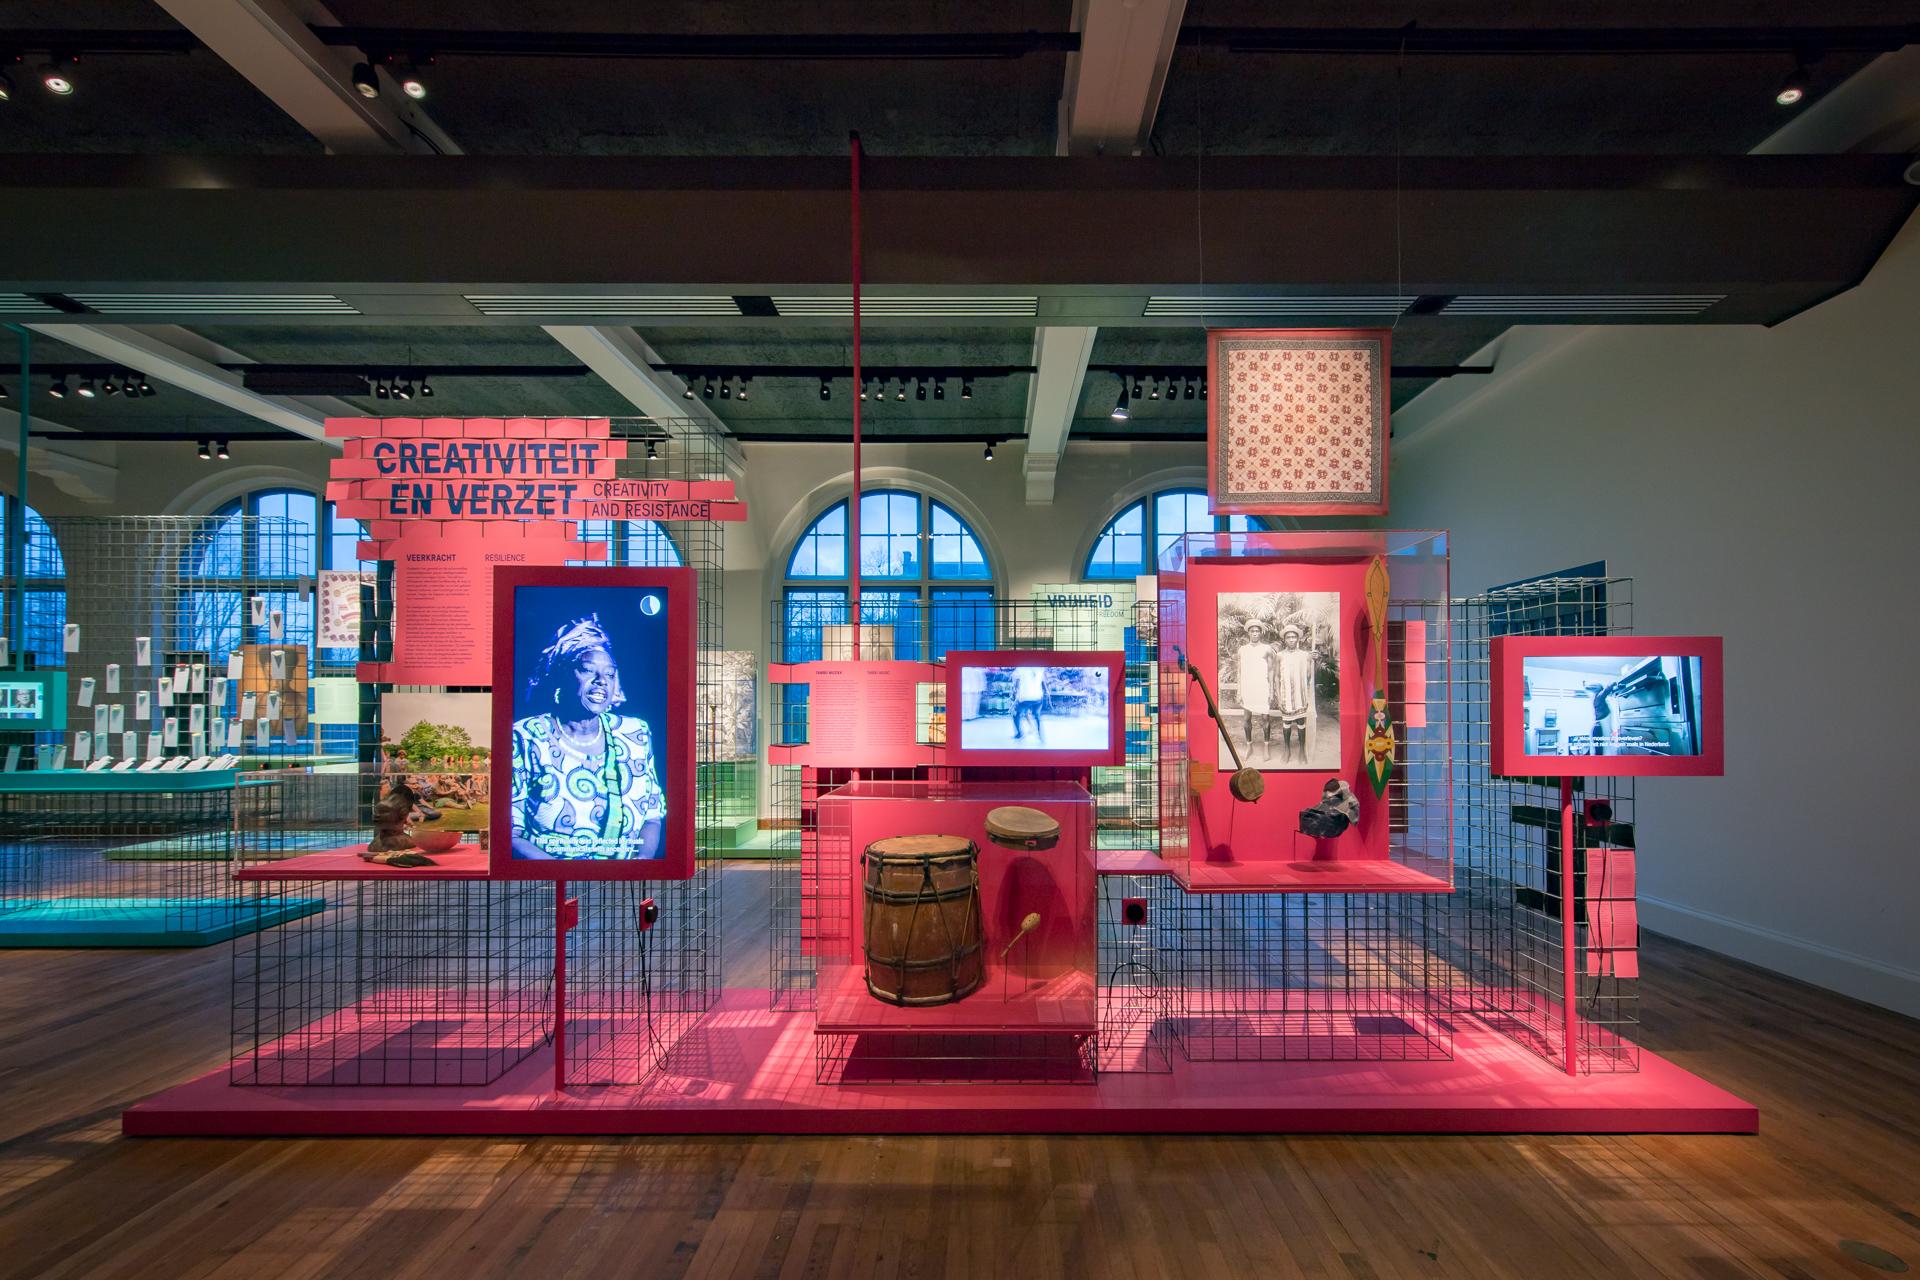 tentoonstellingsontwerp heden van het slavernijverleden tropenmuseum 3 jpg